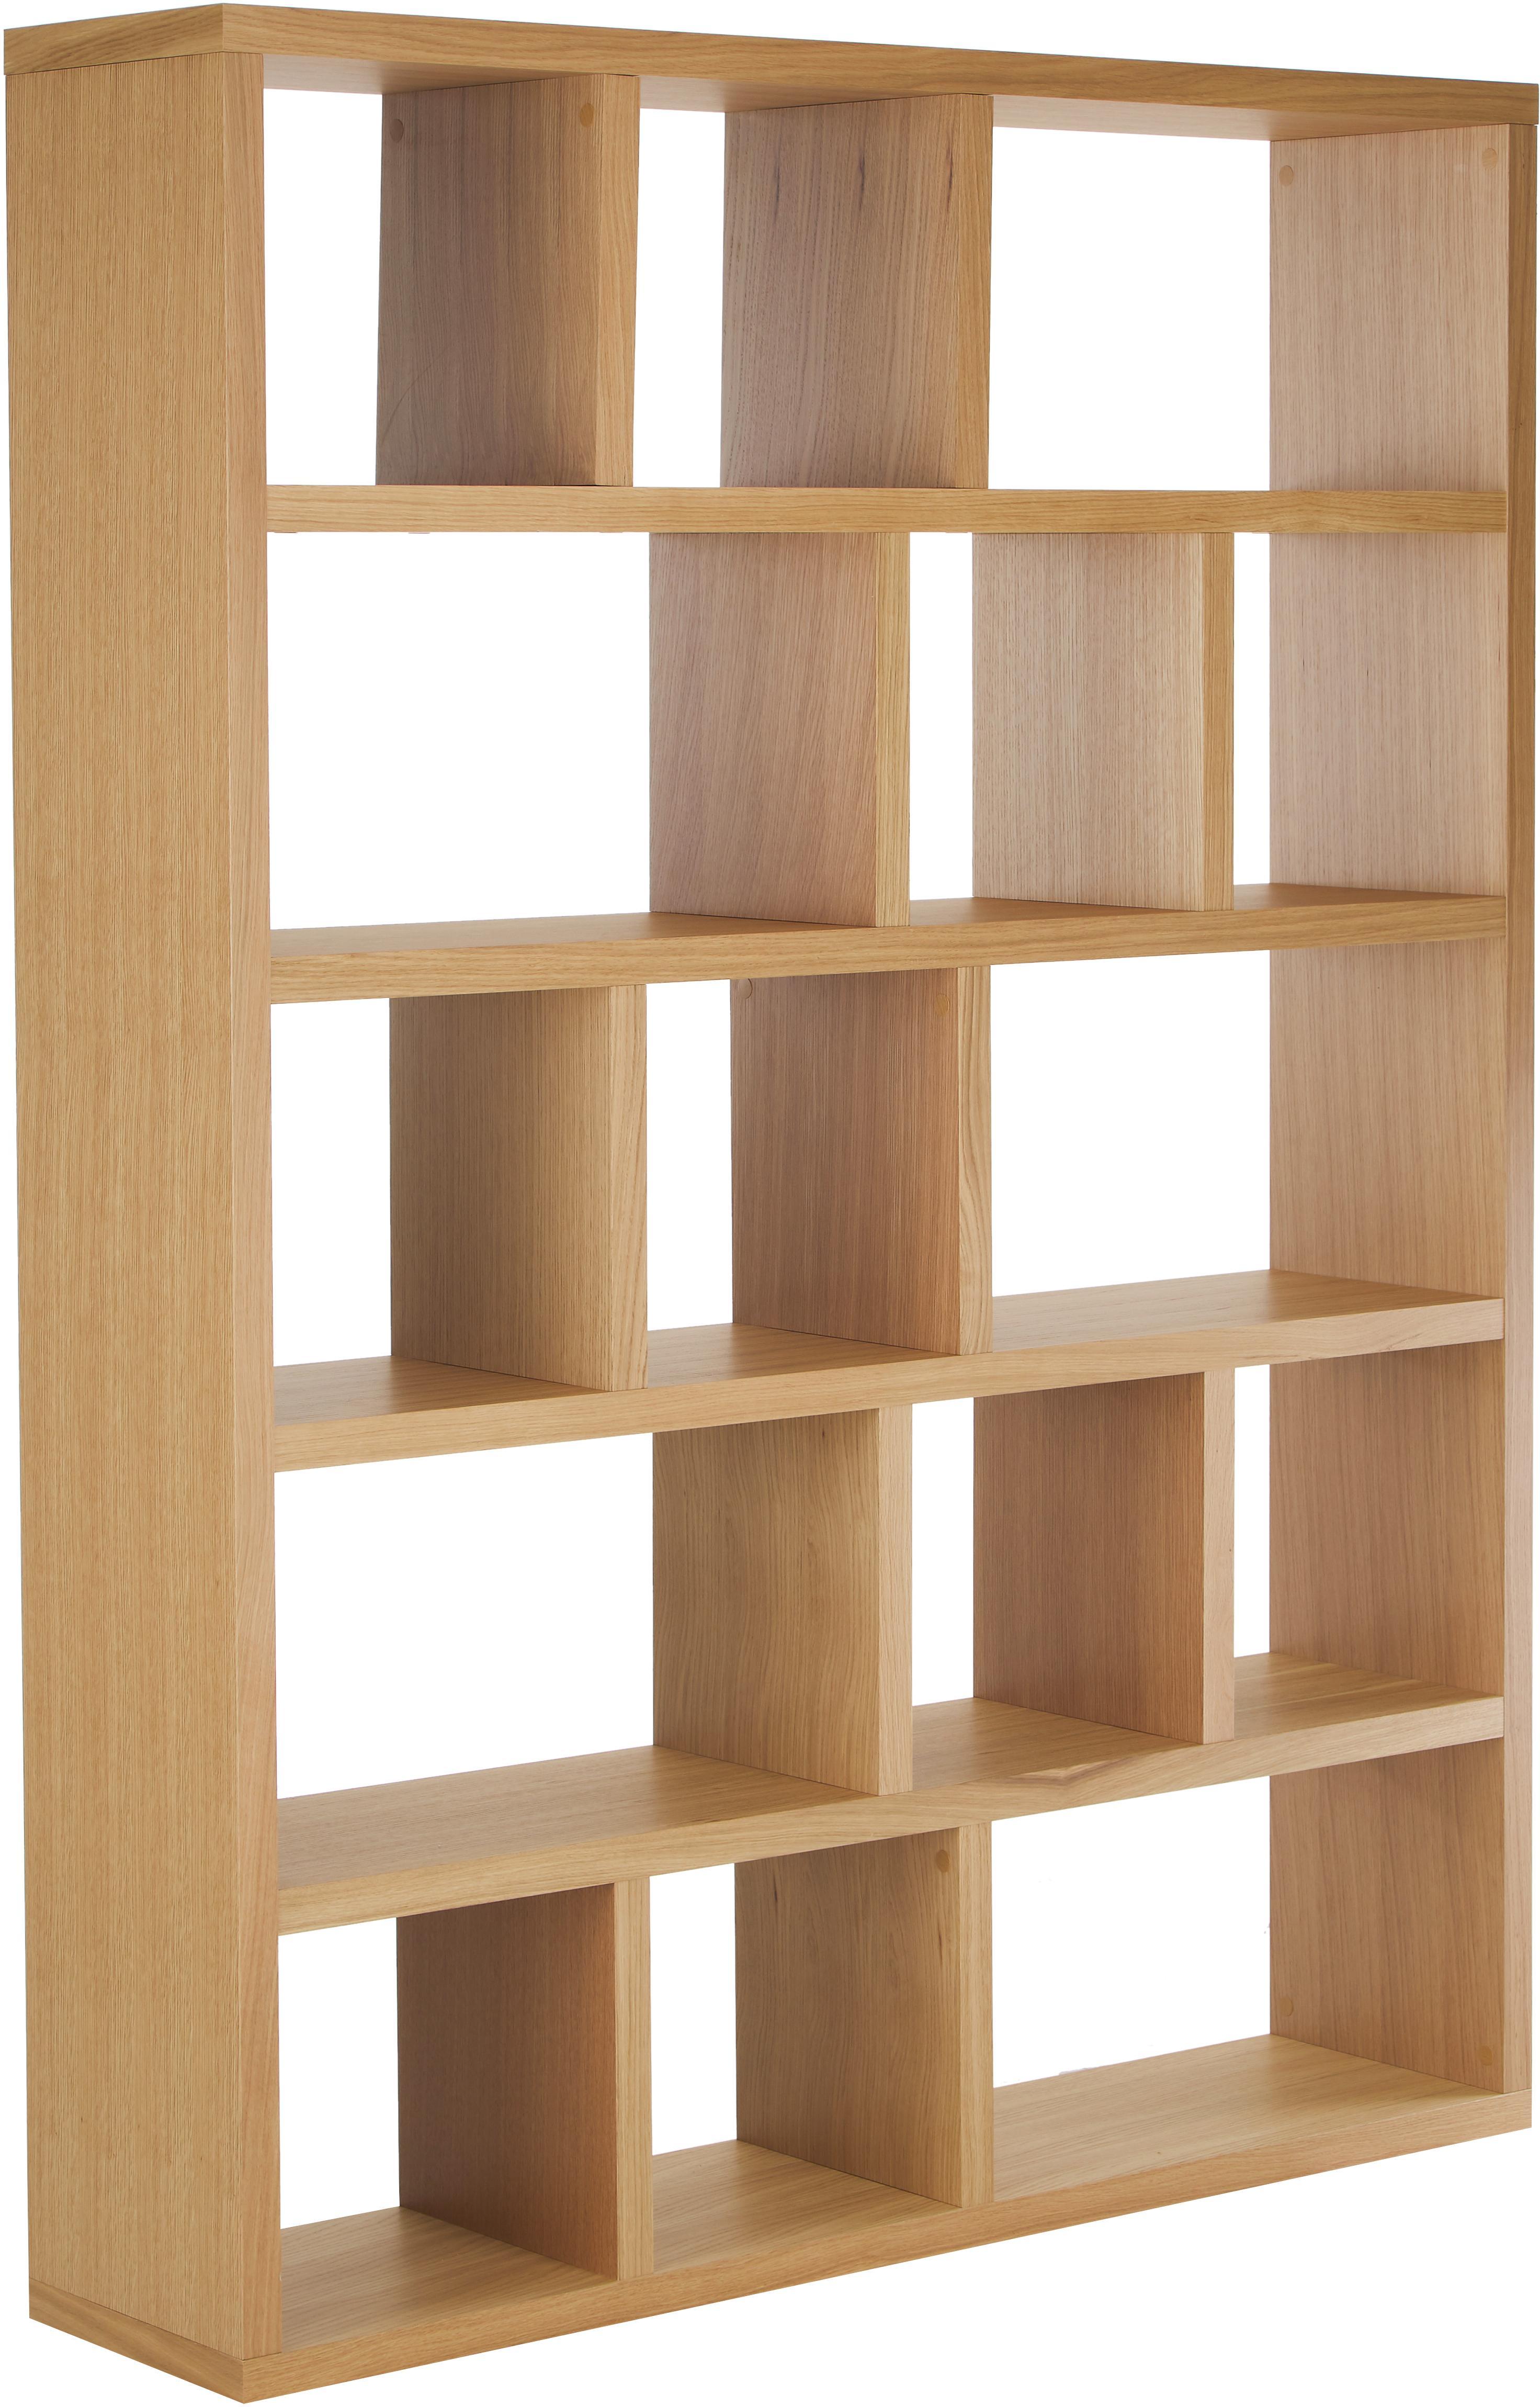 Estantería de madera Portlyn, Superficie: chapa de madera natural, , Estructura: fibras de madera, aglomer, Roble, marrón, An 150 x Al 198 cm